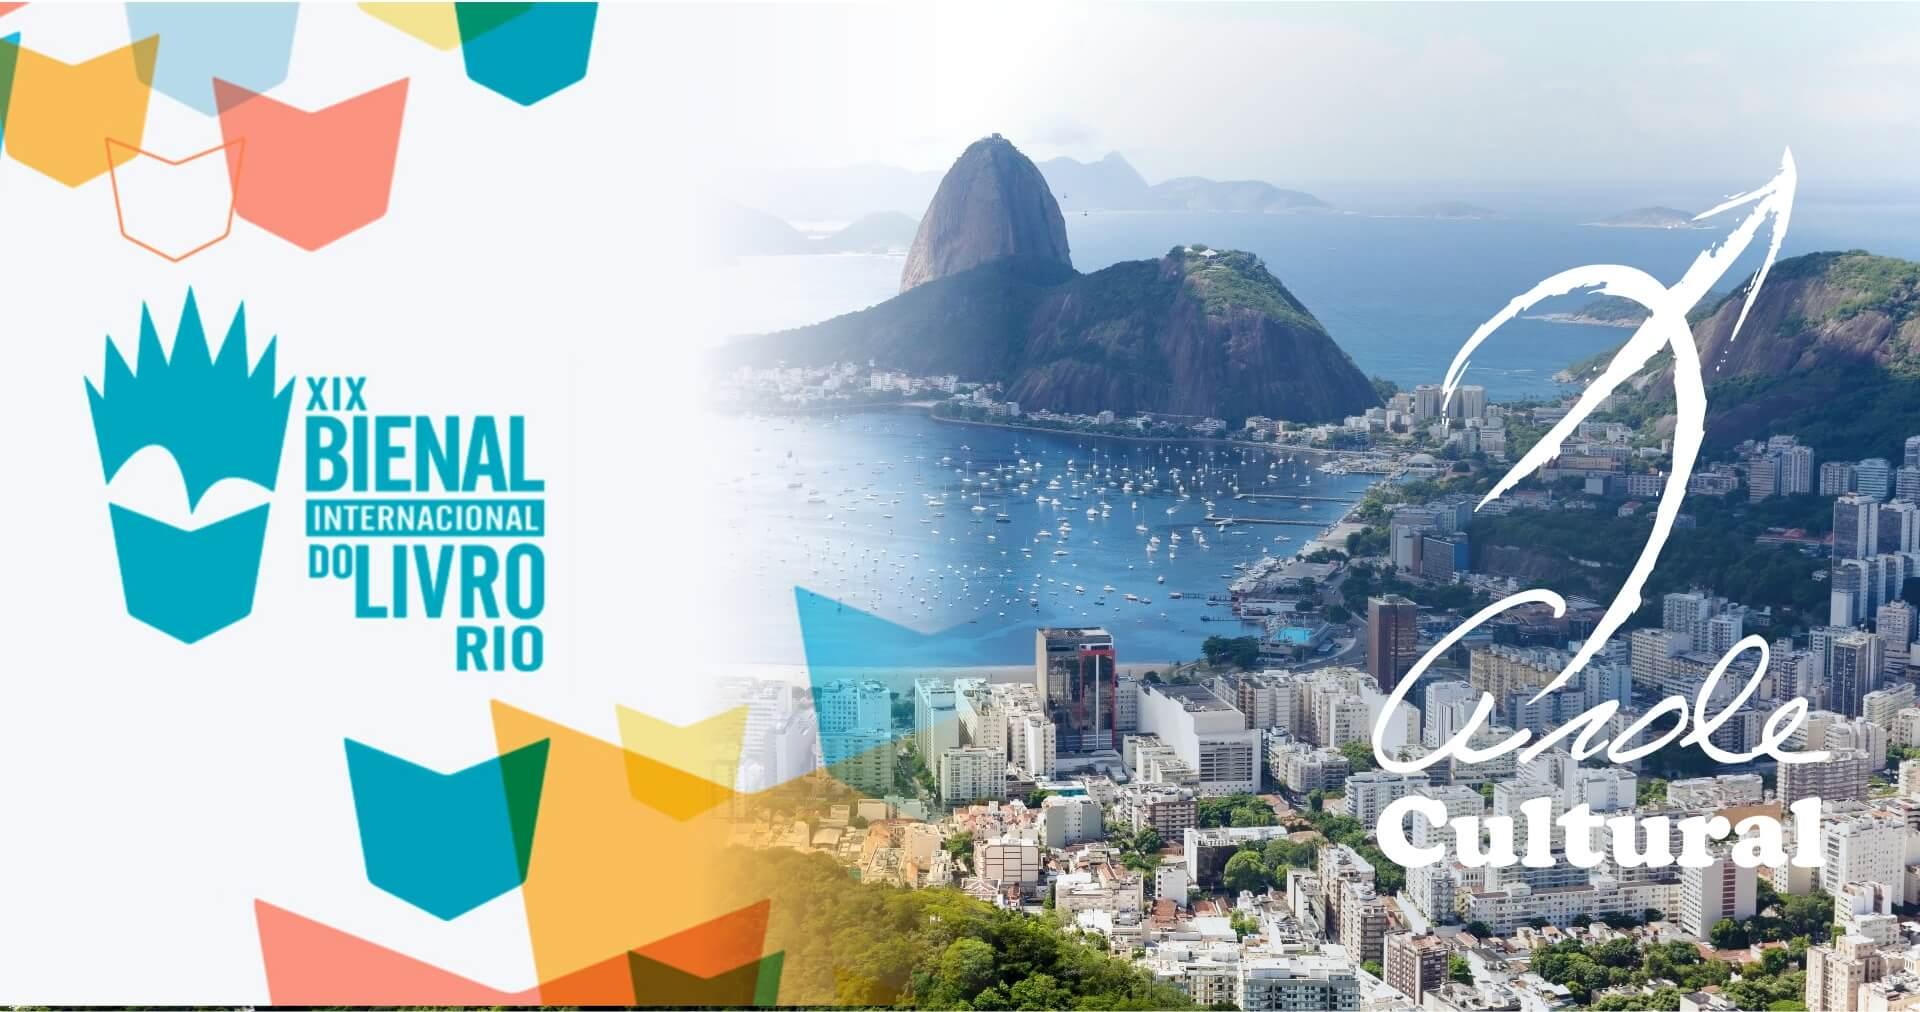 Arole Cultural participa da Bienal do Livro do Rio com cinco lançamentos e novo selo